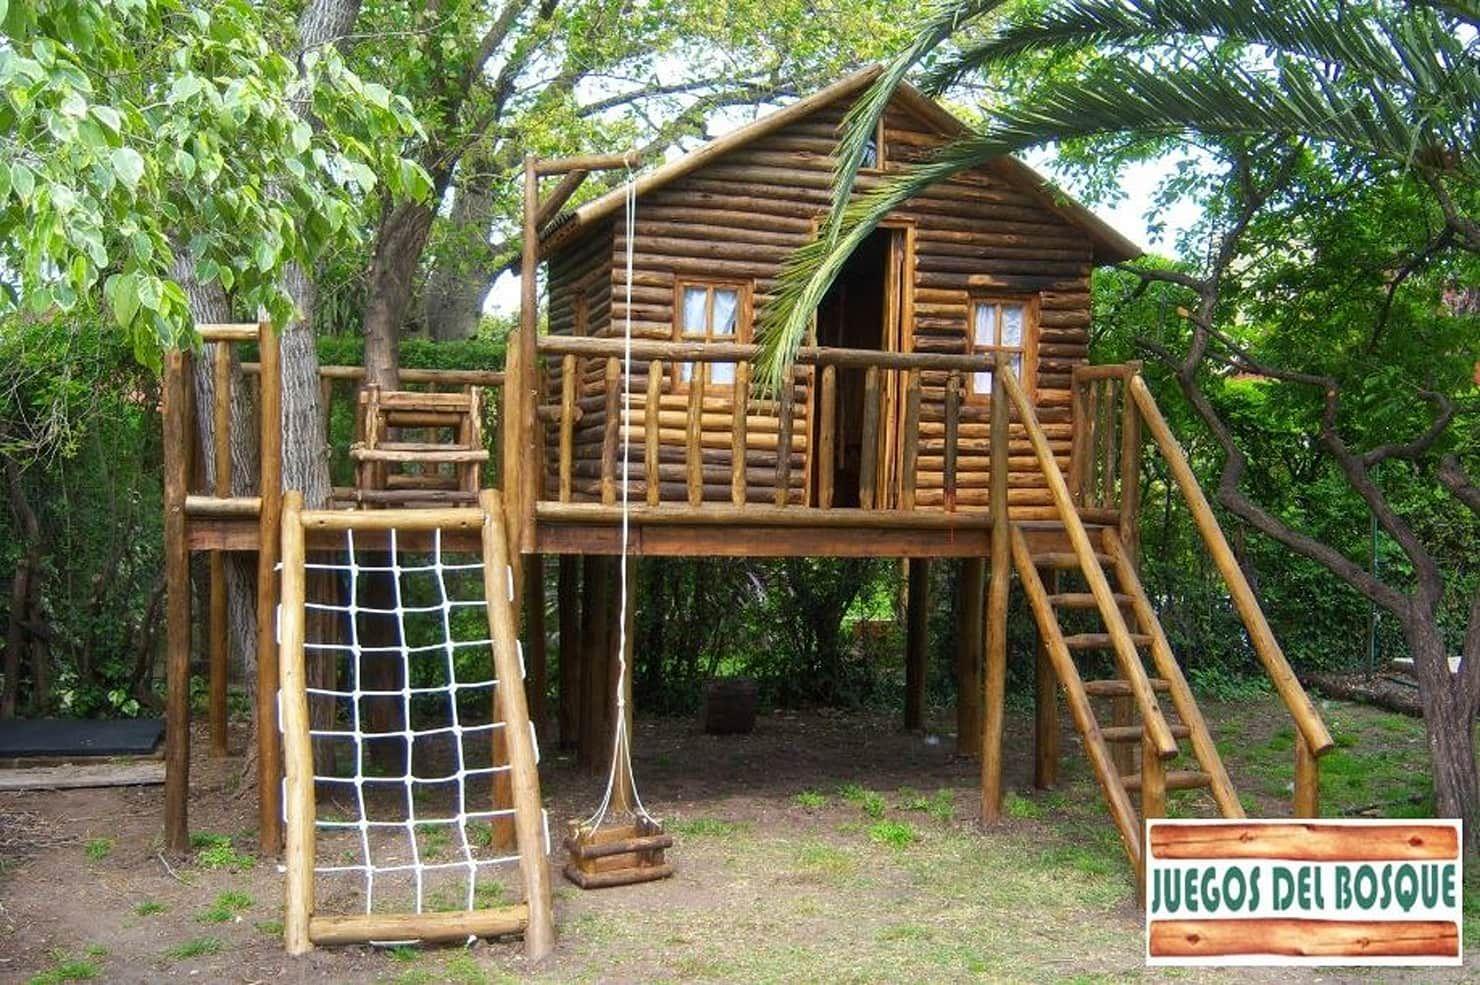 Juegos Y Casitas Para Niños Juegos Del Bosque Jardinesdecoración Y Accesorios Homify Casa De Juegos Exterior Casa De árbol Niños Casa De Niños